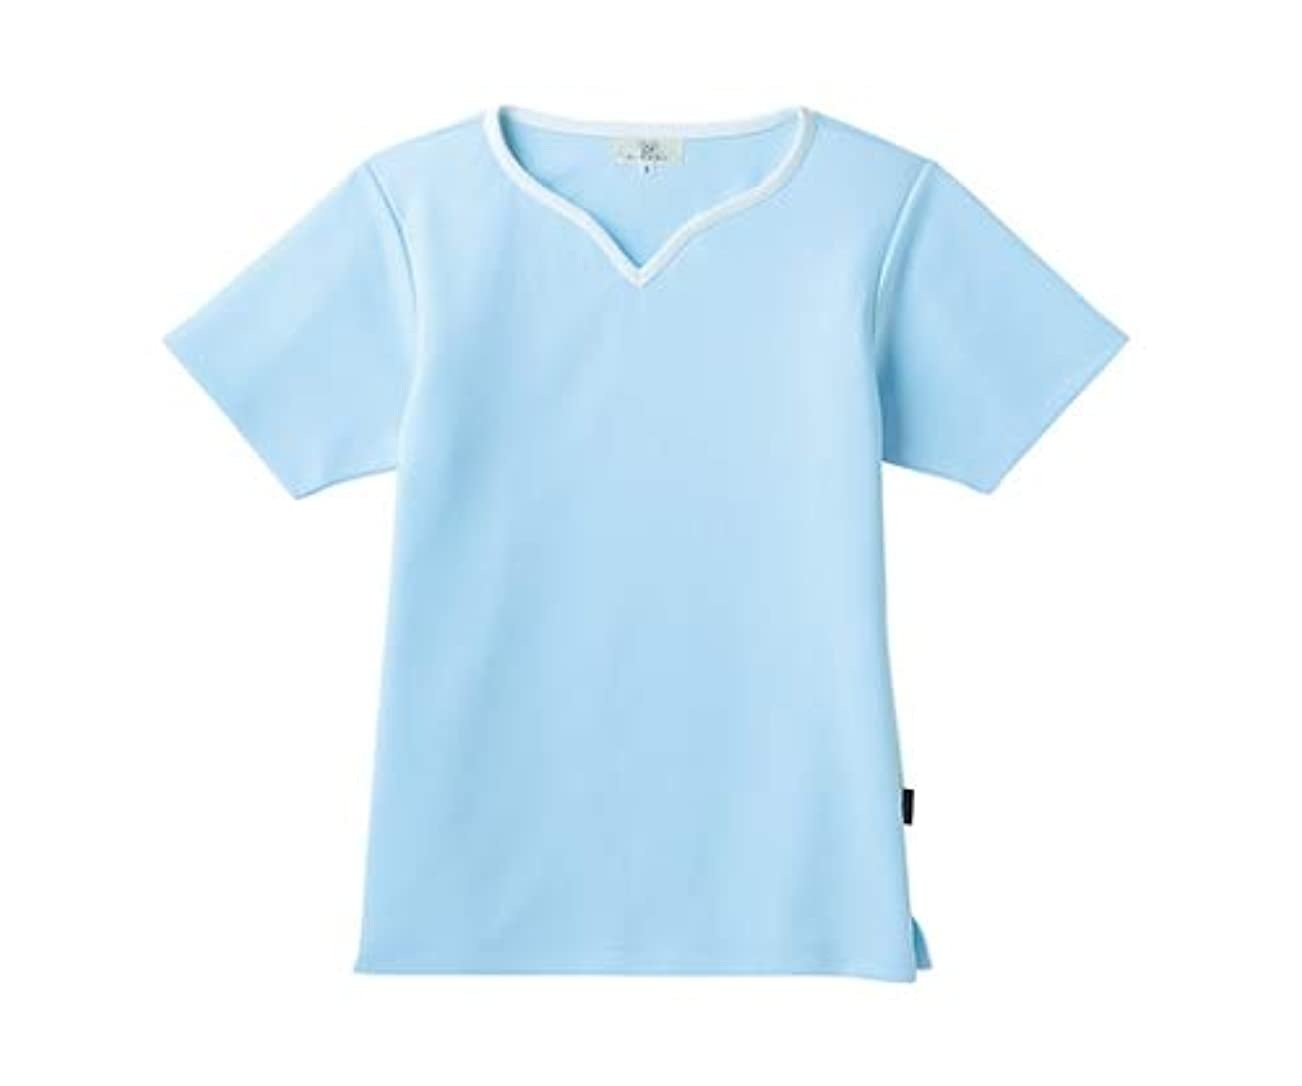 ブルジョン排泄する規定トンボ/KIRAKU レディス入浴介助用シャツ CR161 L サックス